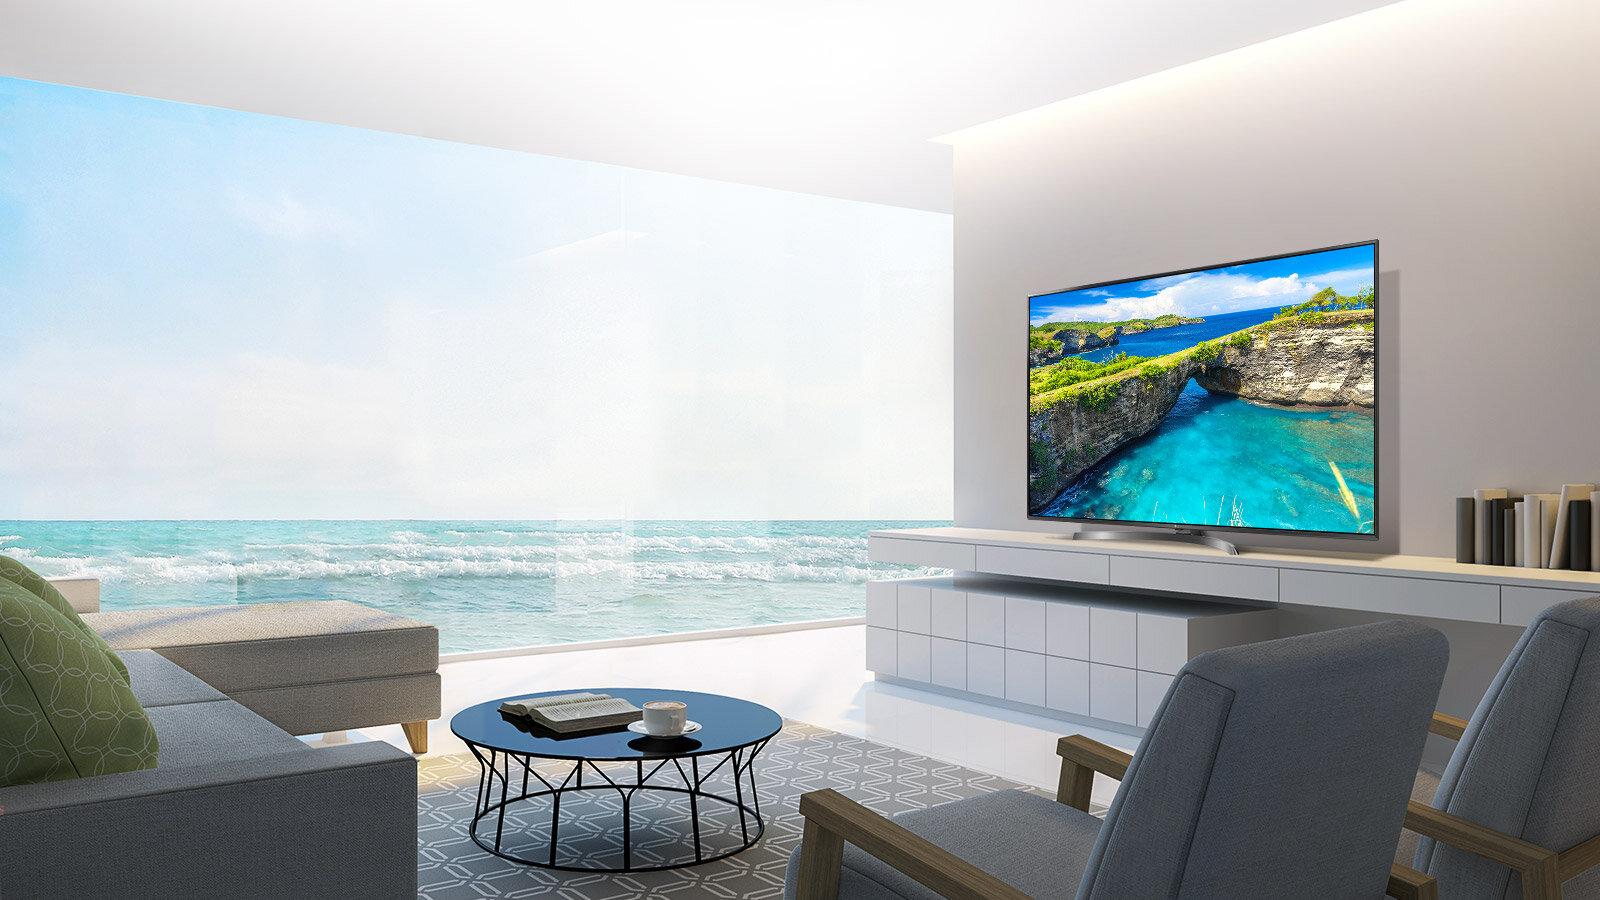 Thiết kế tinh tế và hiện đại của sản phẩm smart tv LG